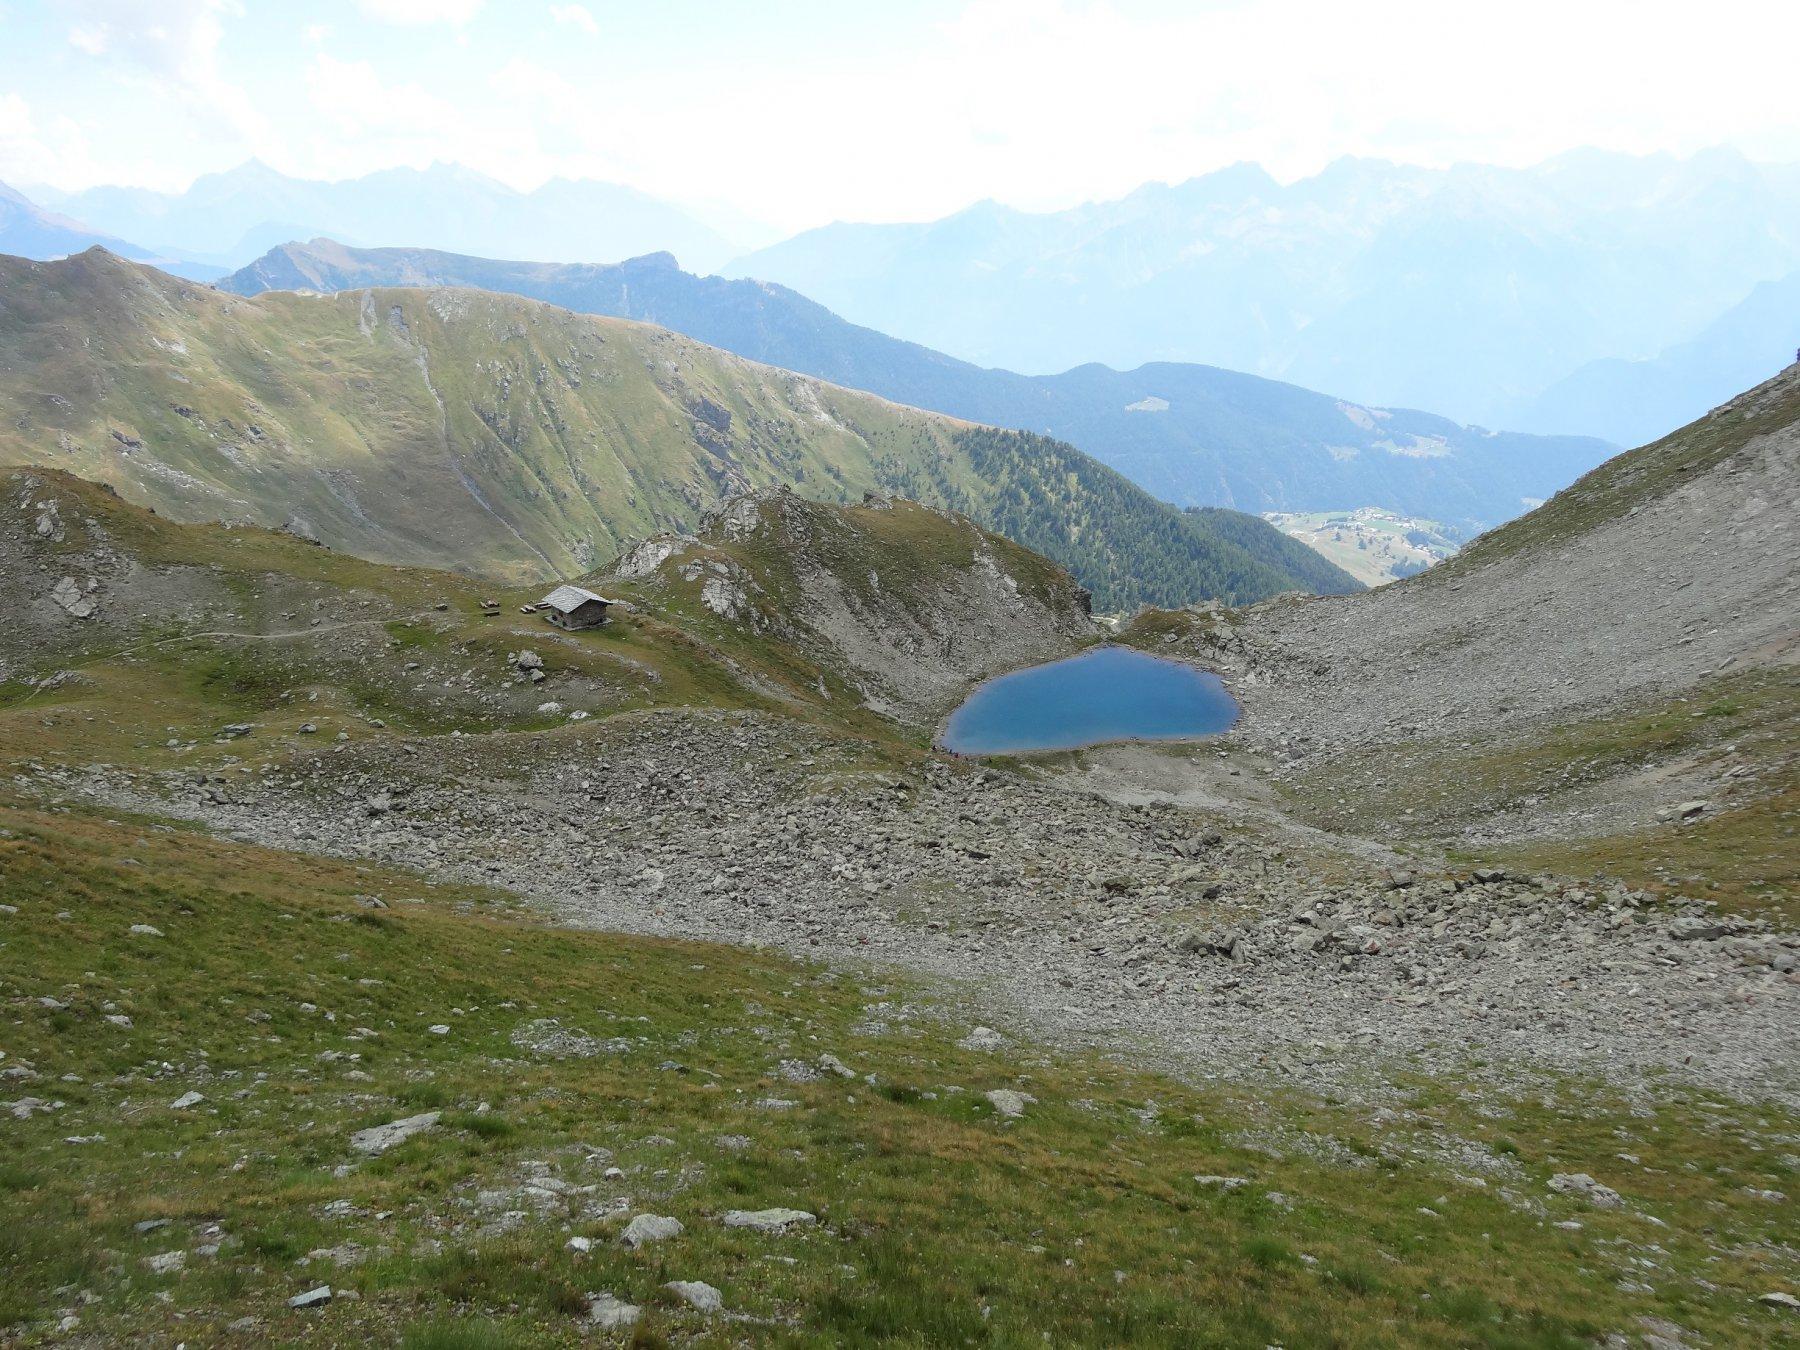 il bel bivacco e lago sotto al colle vessona